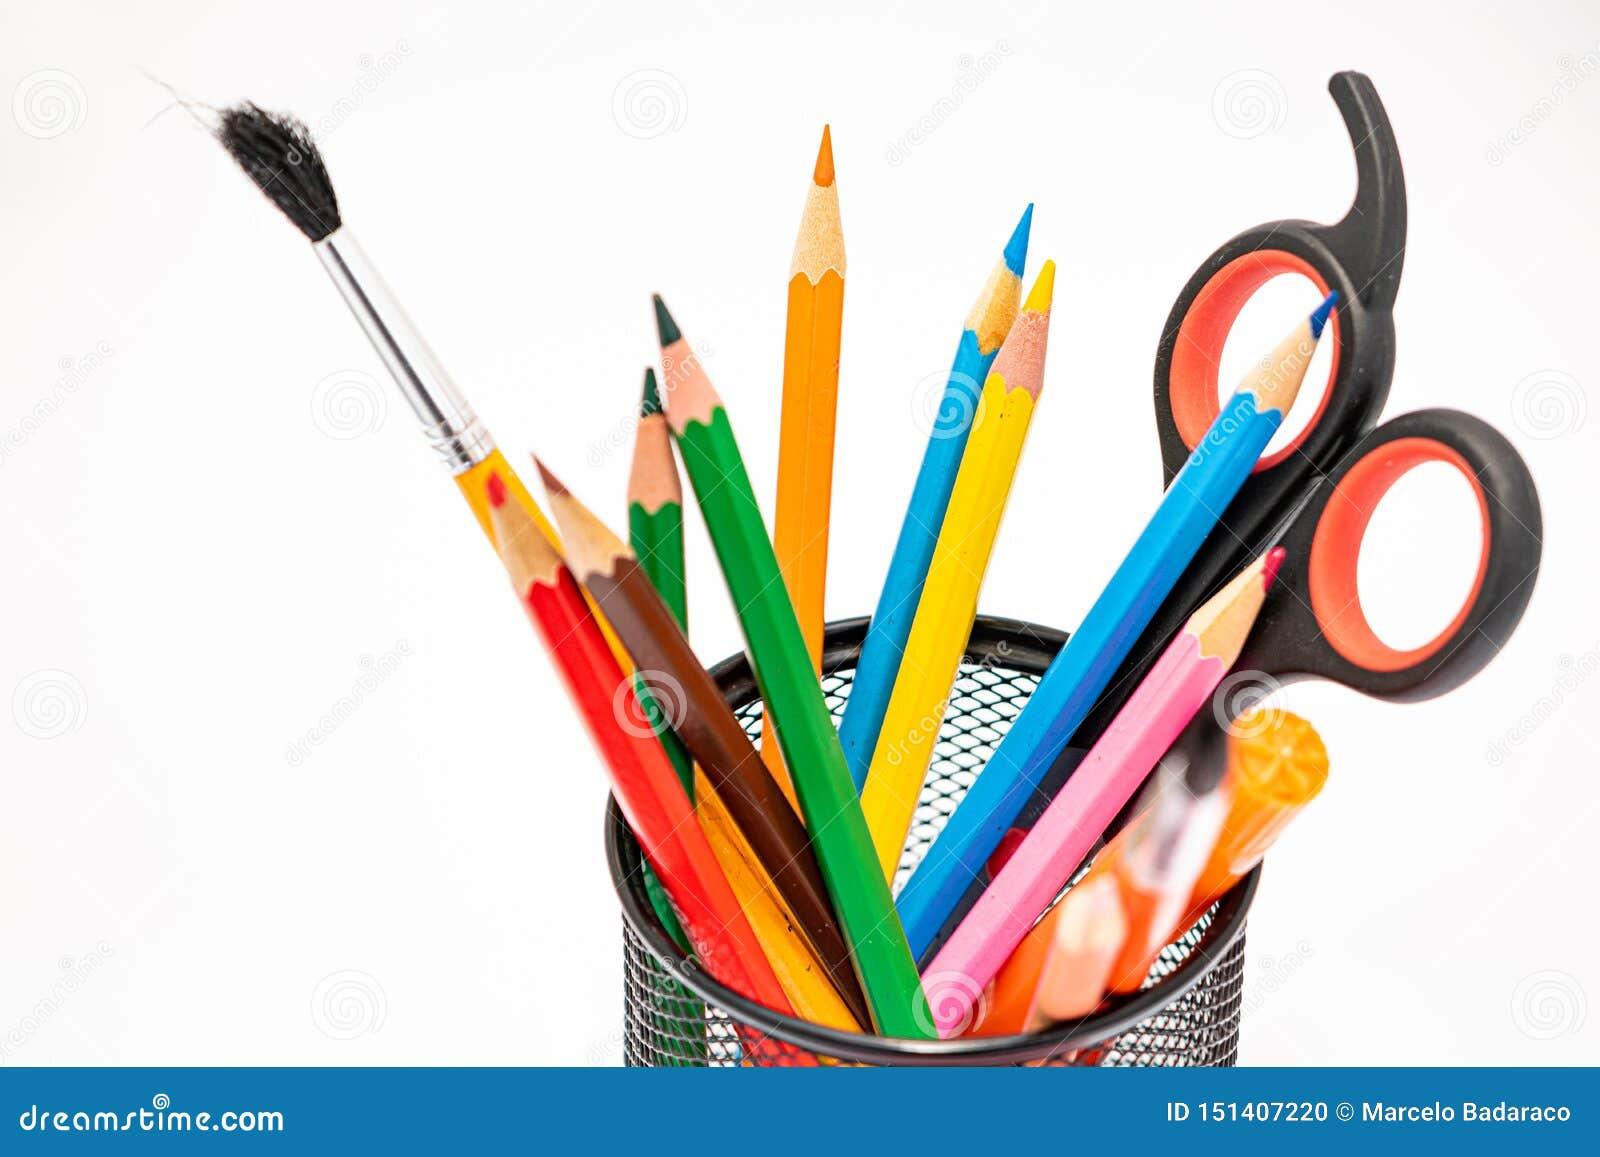 Teckningsmaterial liksom blyertspennor, vässare eller sax på skola